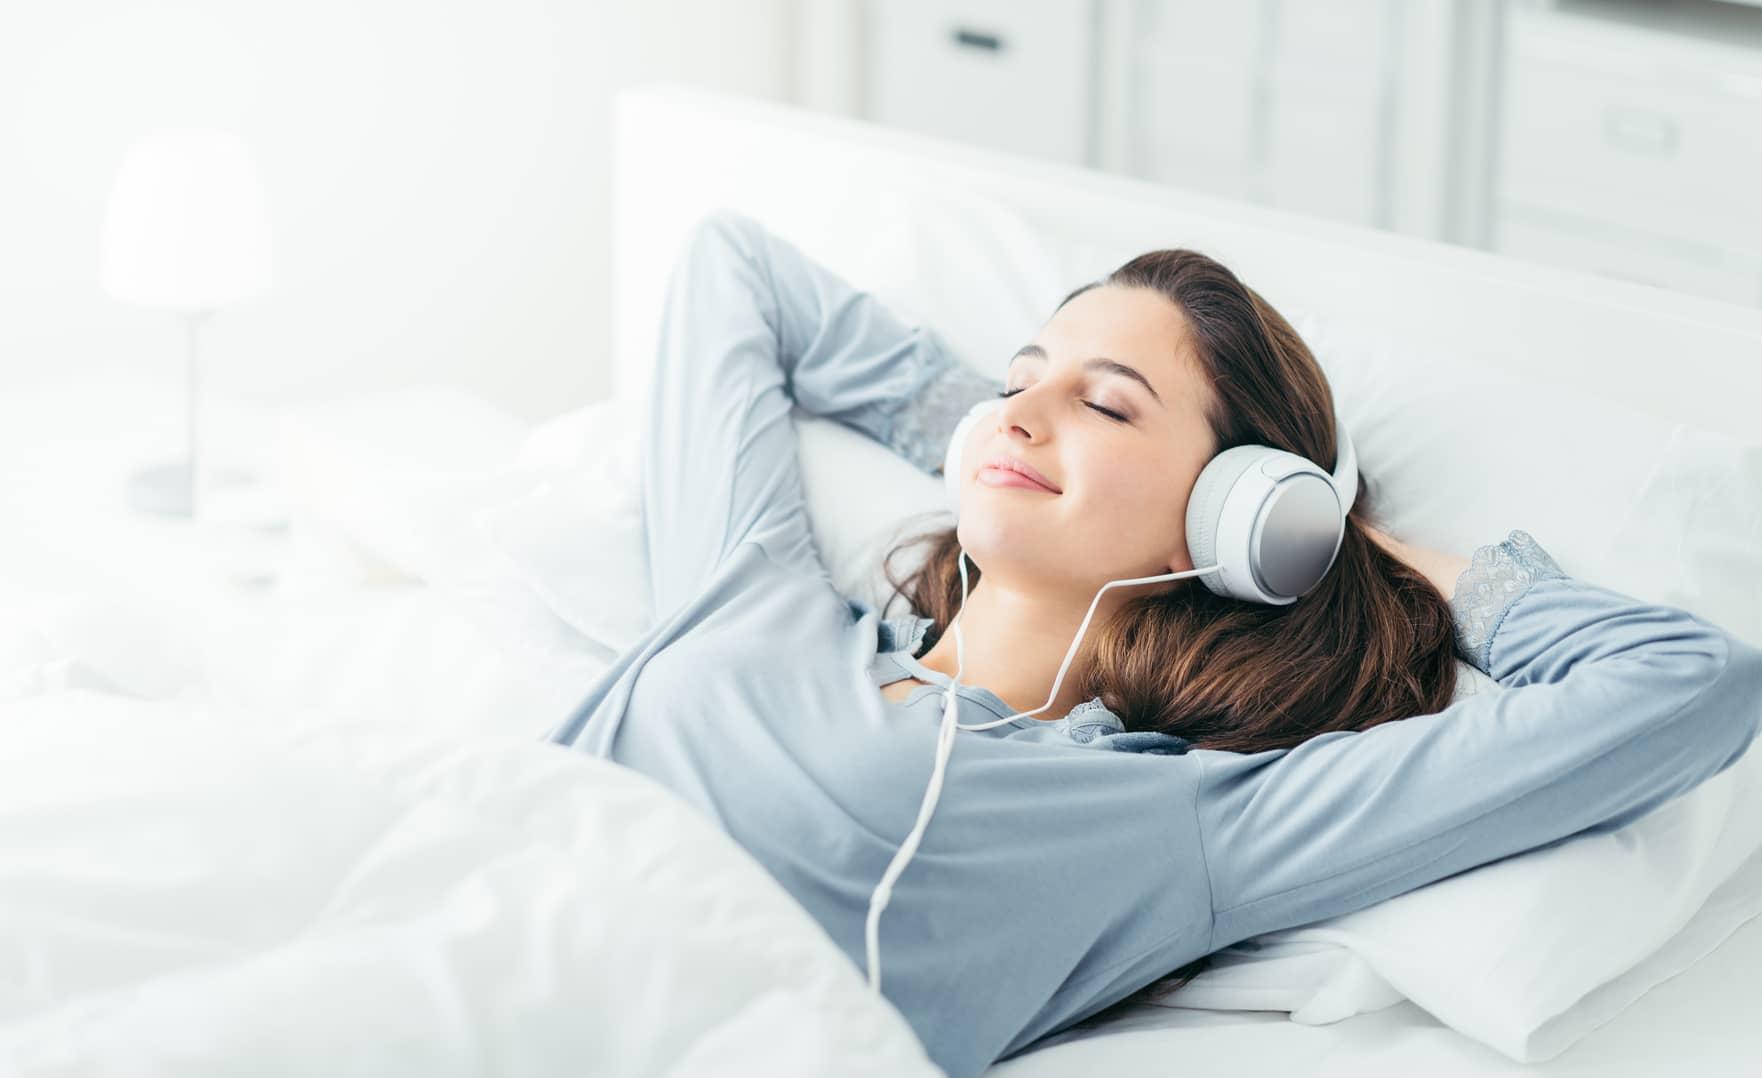 Erklärbild: Junge Frau liegt im Bett und hört sich eine Hypnose zum Aggressionen abzubauen.